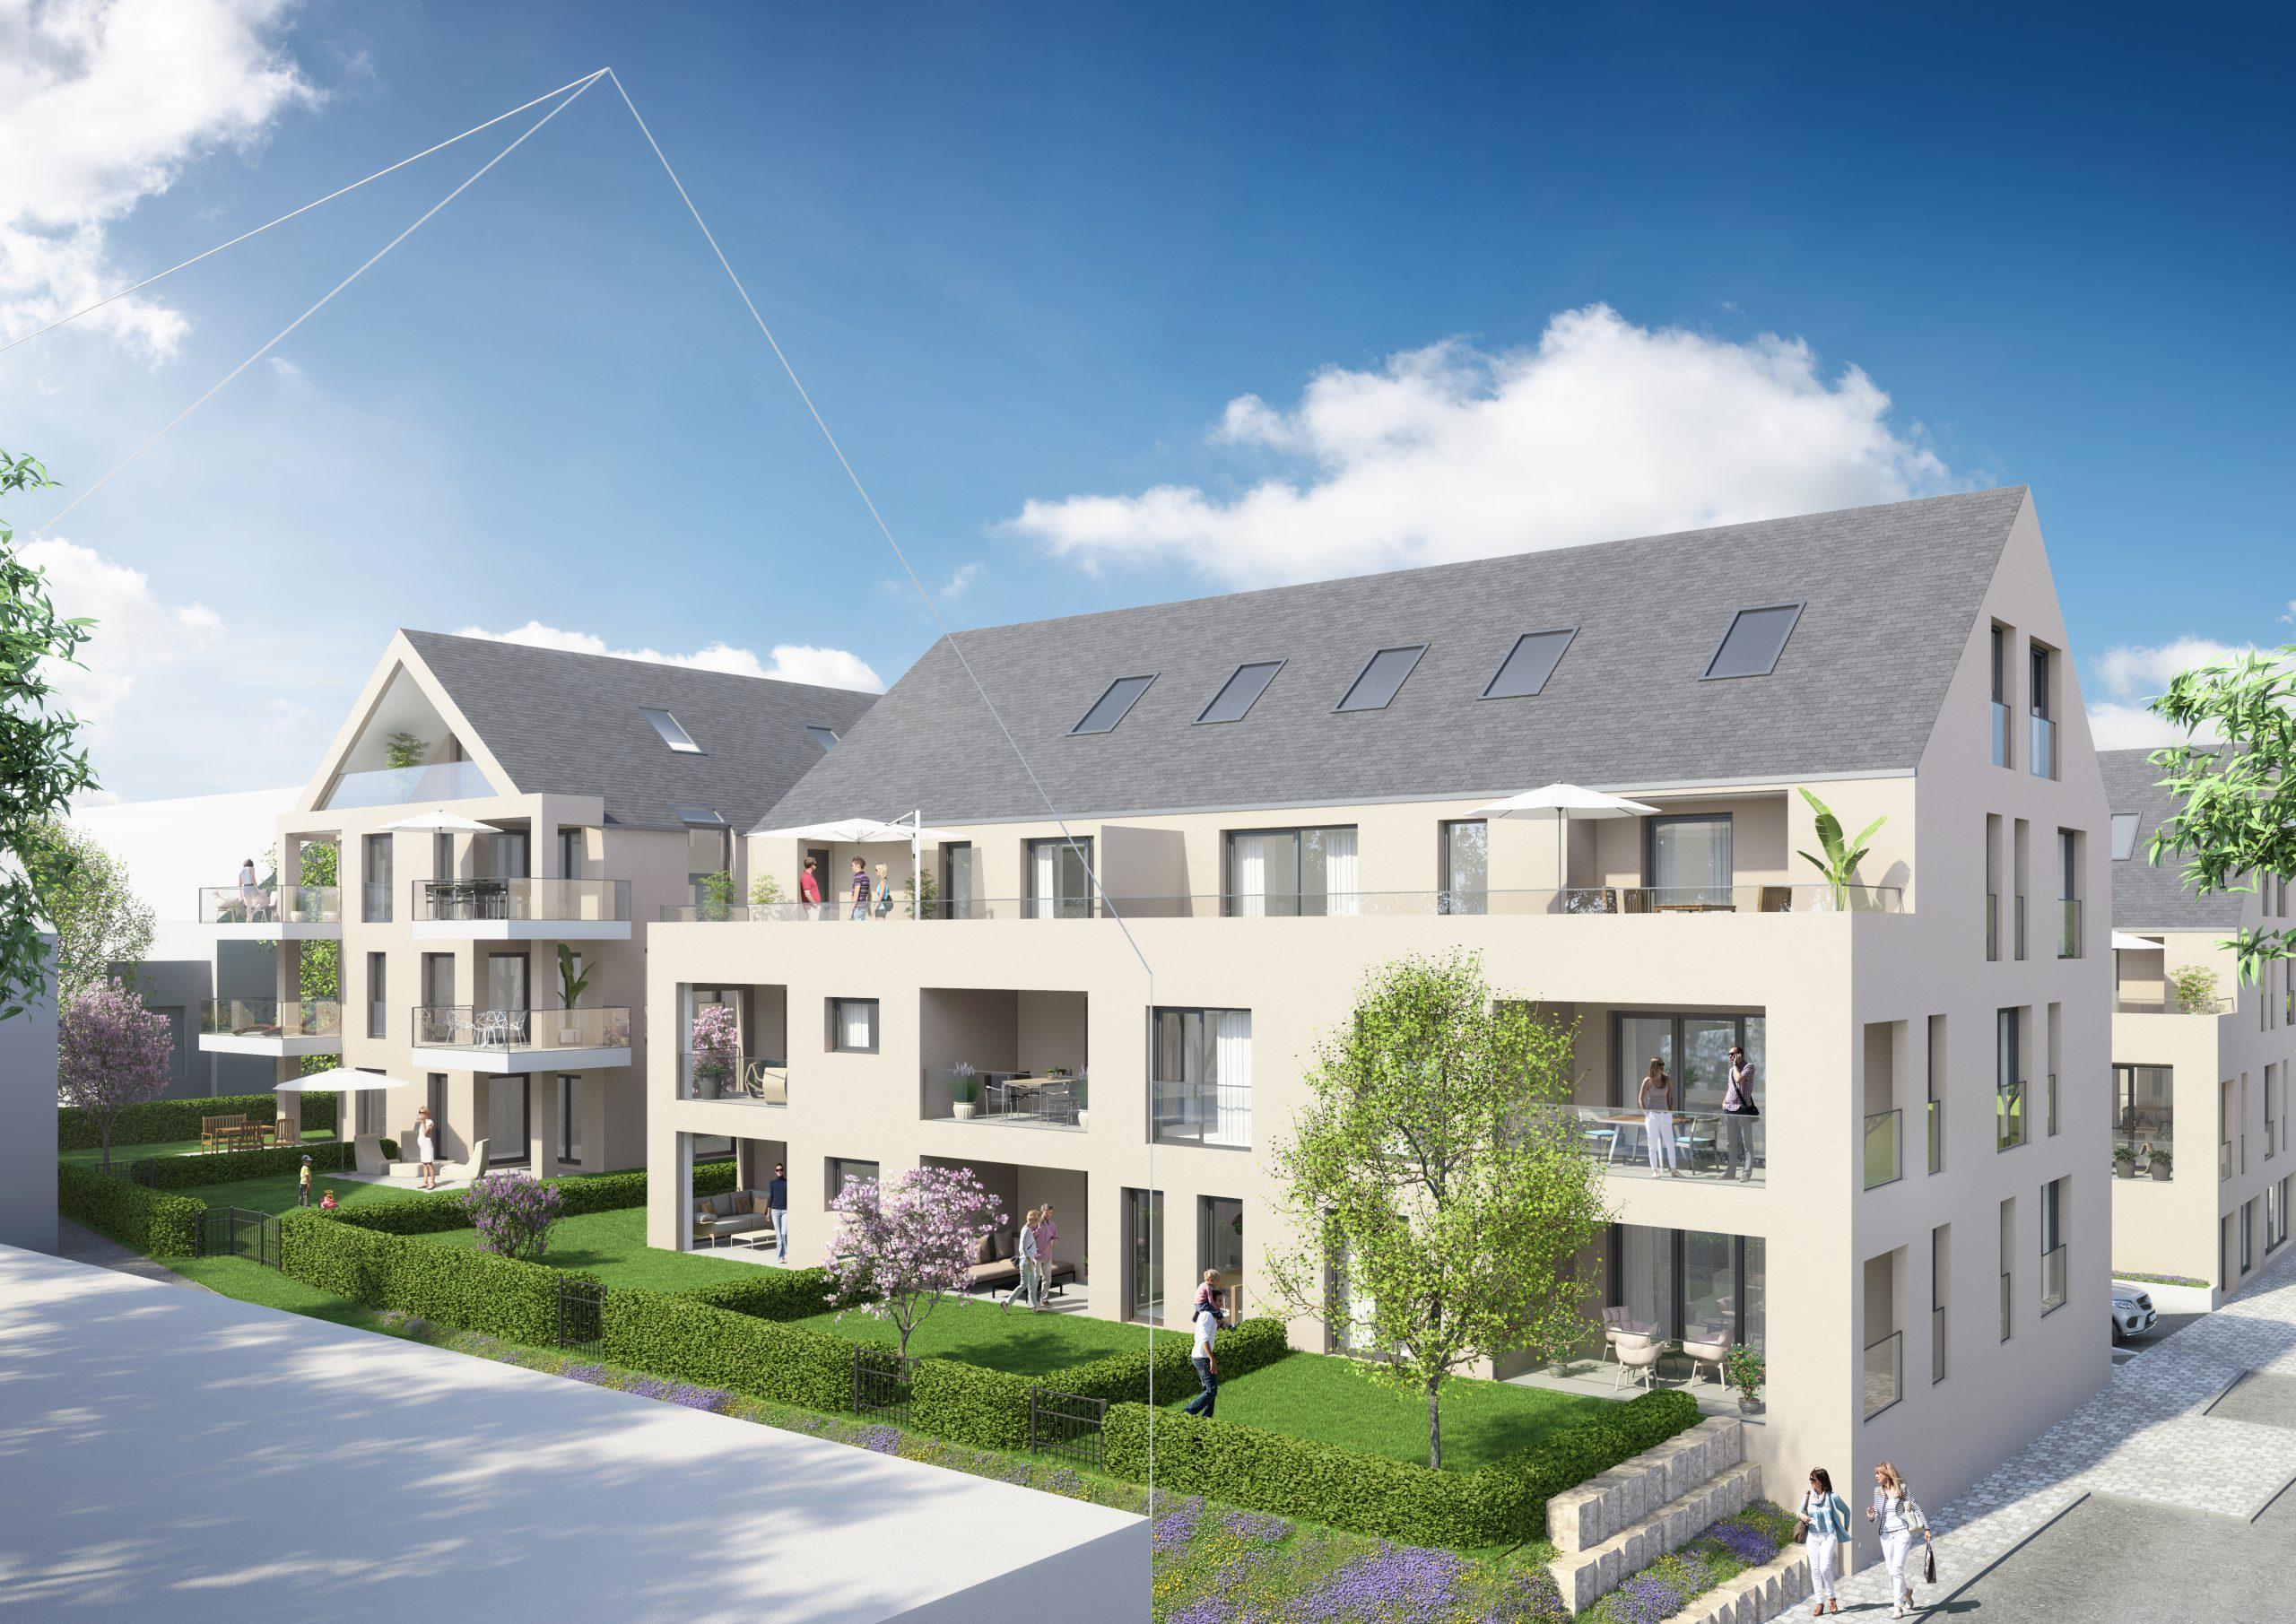 Ihr Traum vom Eigenheim! 3-Zimmer-Erdgeschosswohnung mit großzügigem Gartenanteil